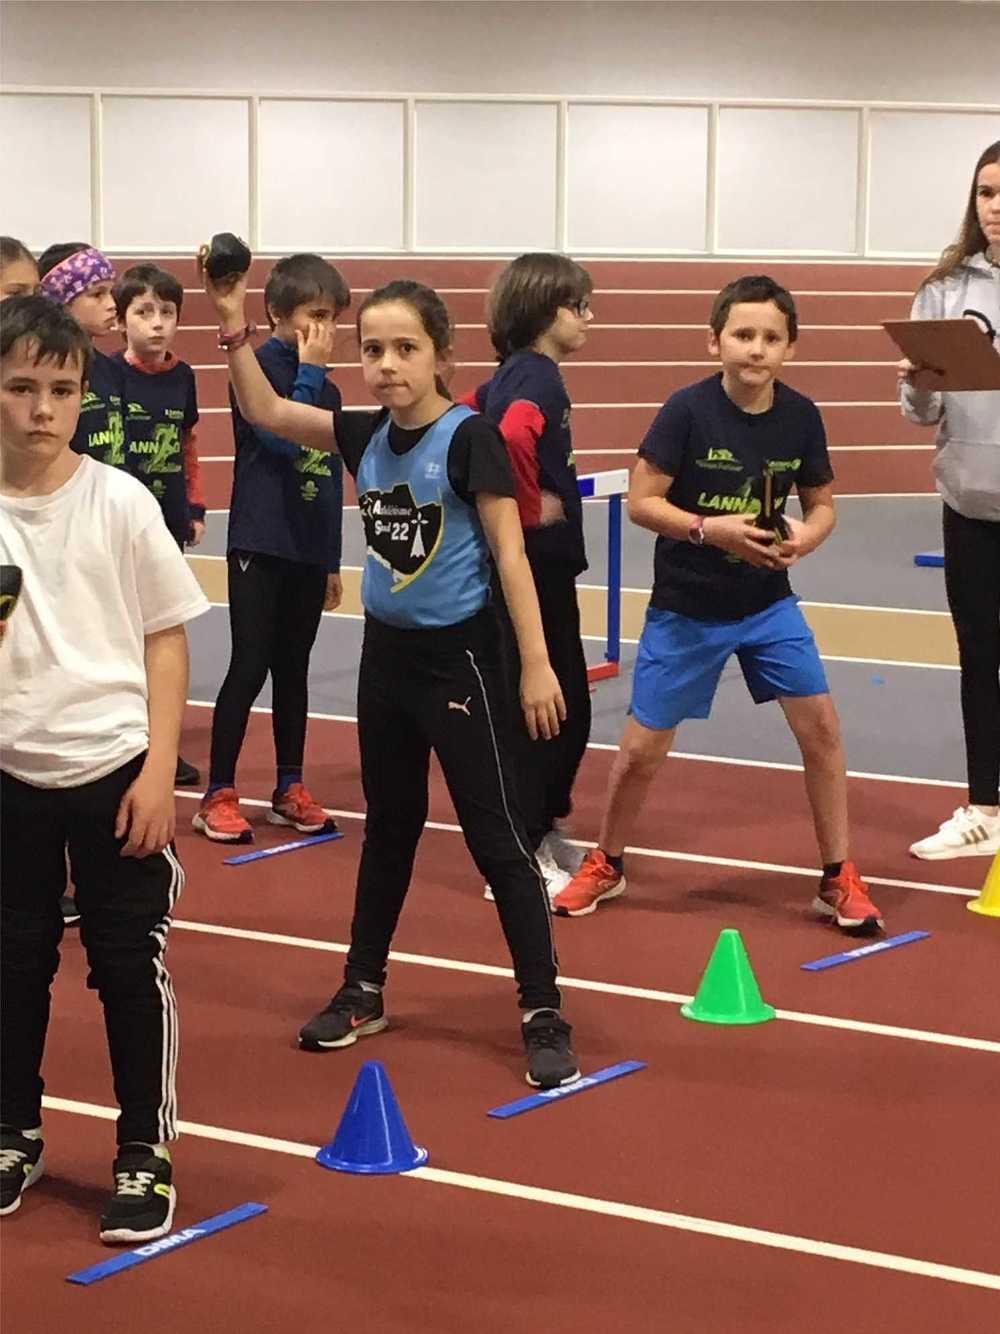 JSP Athlétisme : photos de la rencontre départementale image4